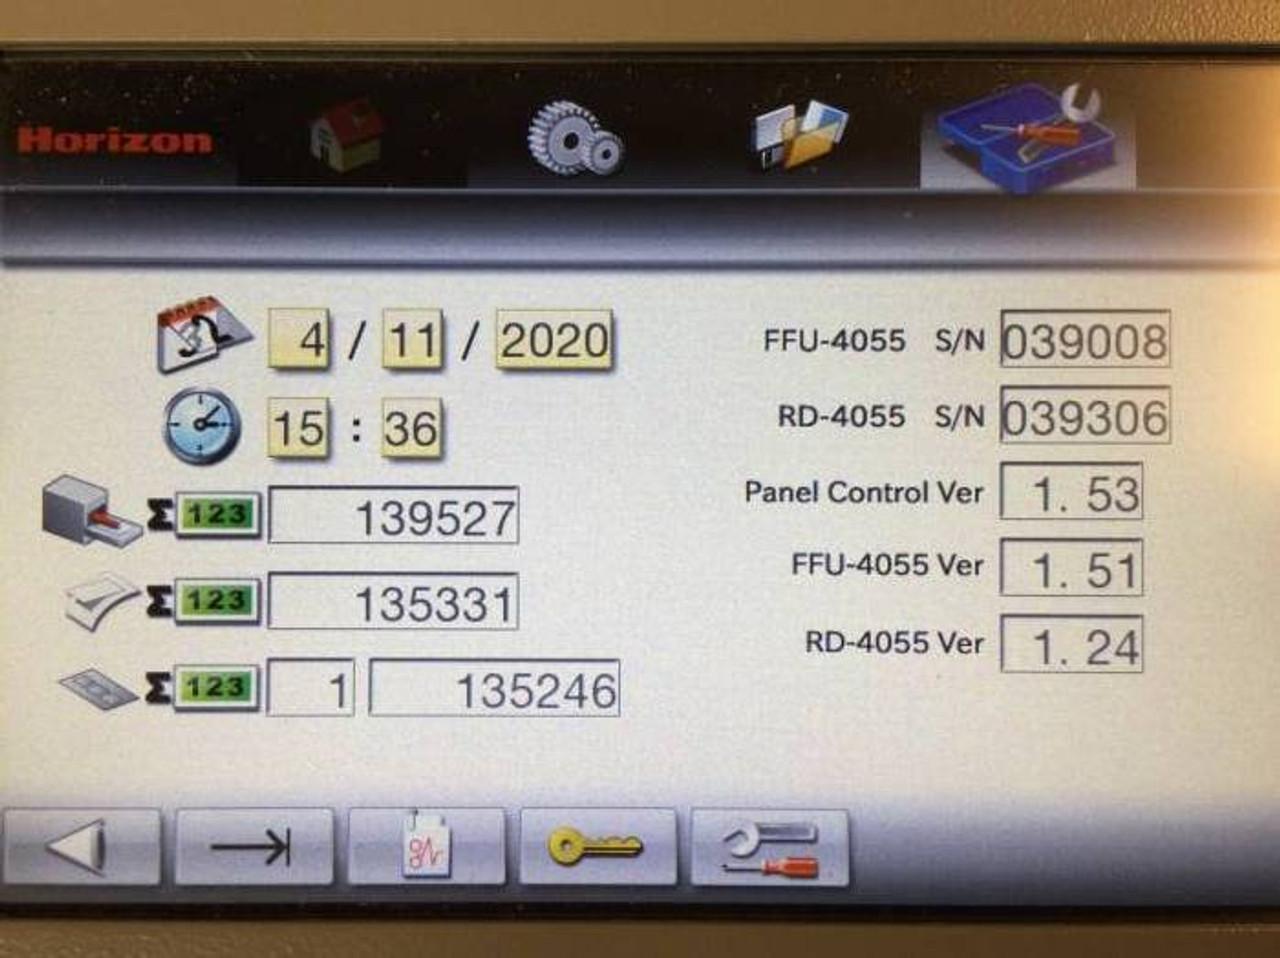 2018 Horizon RD-4055DM ROTARY DIE CUTTER